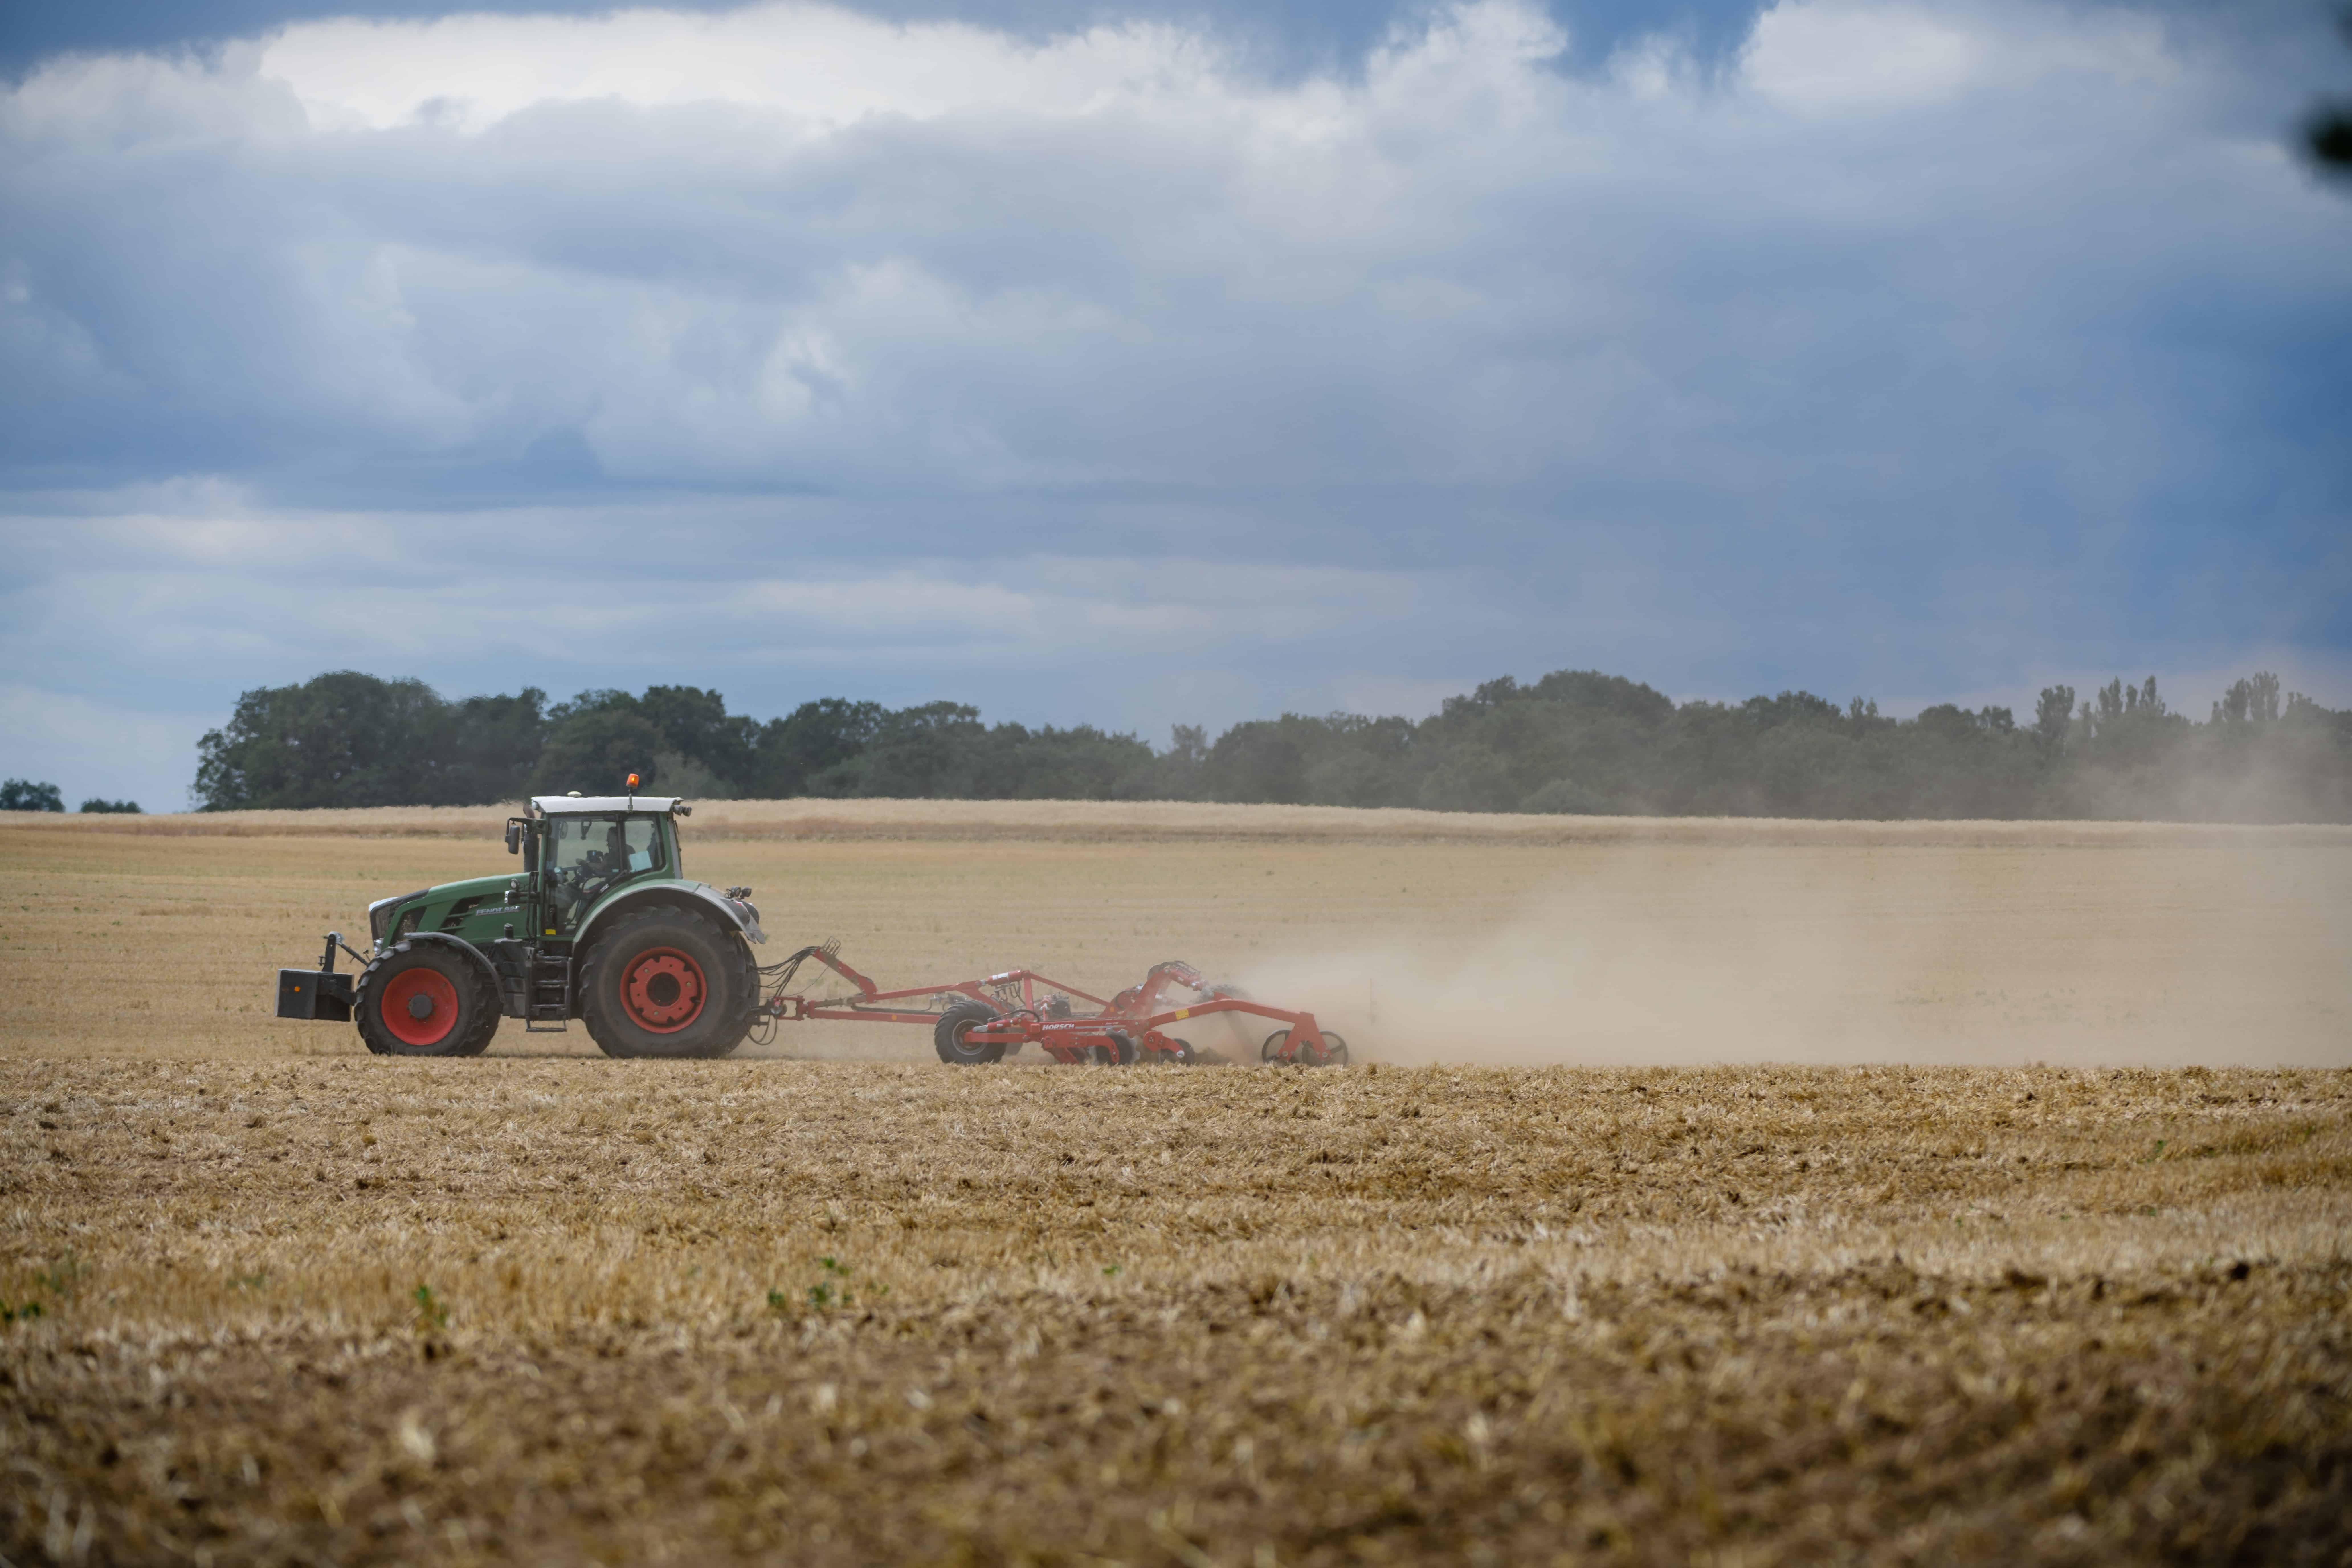 Un tracteur conduit sur un champ. L